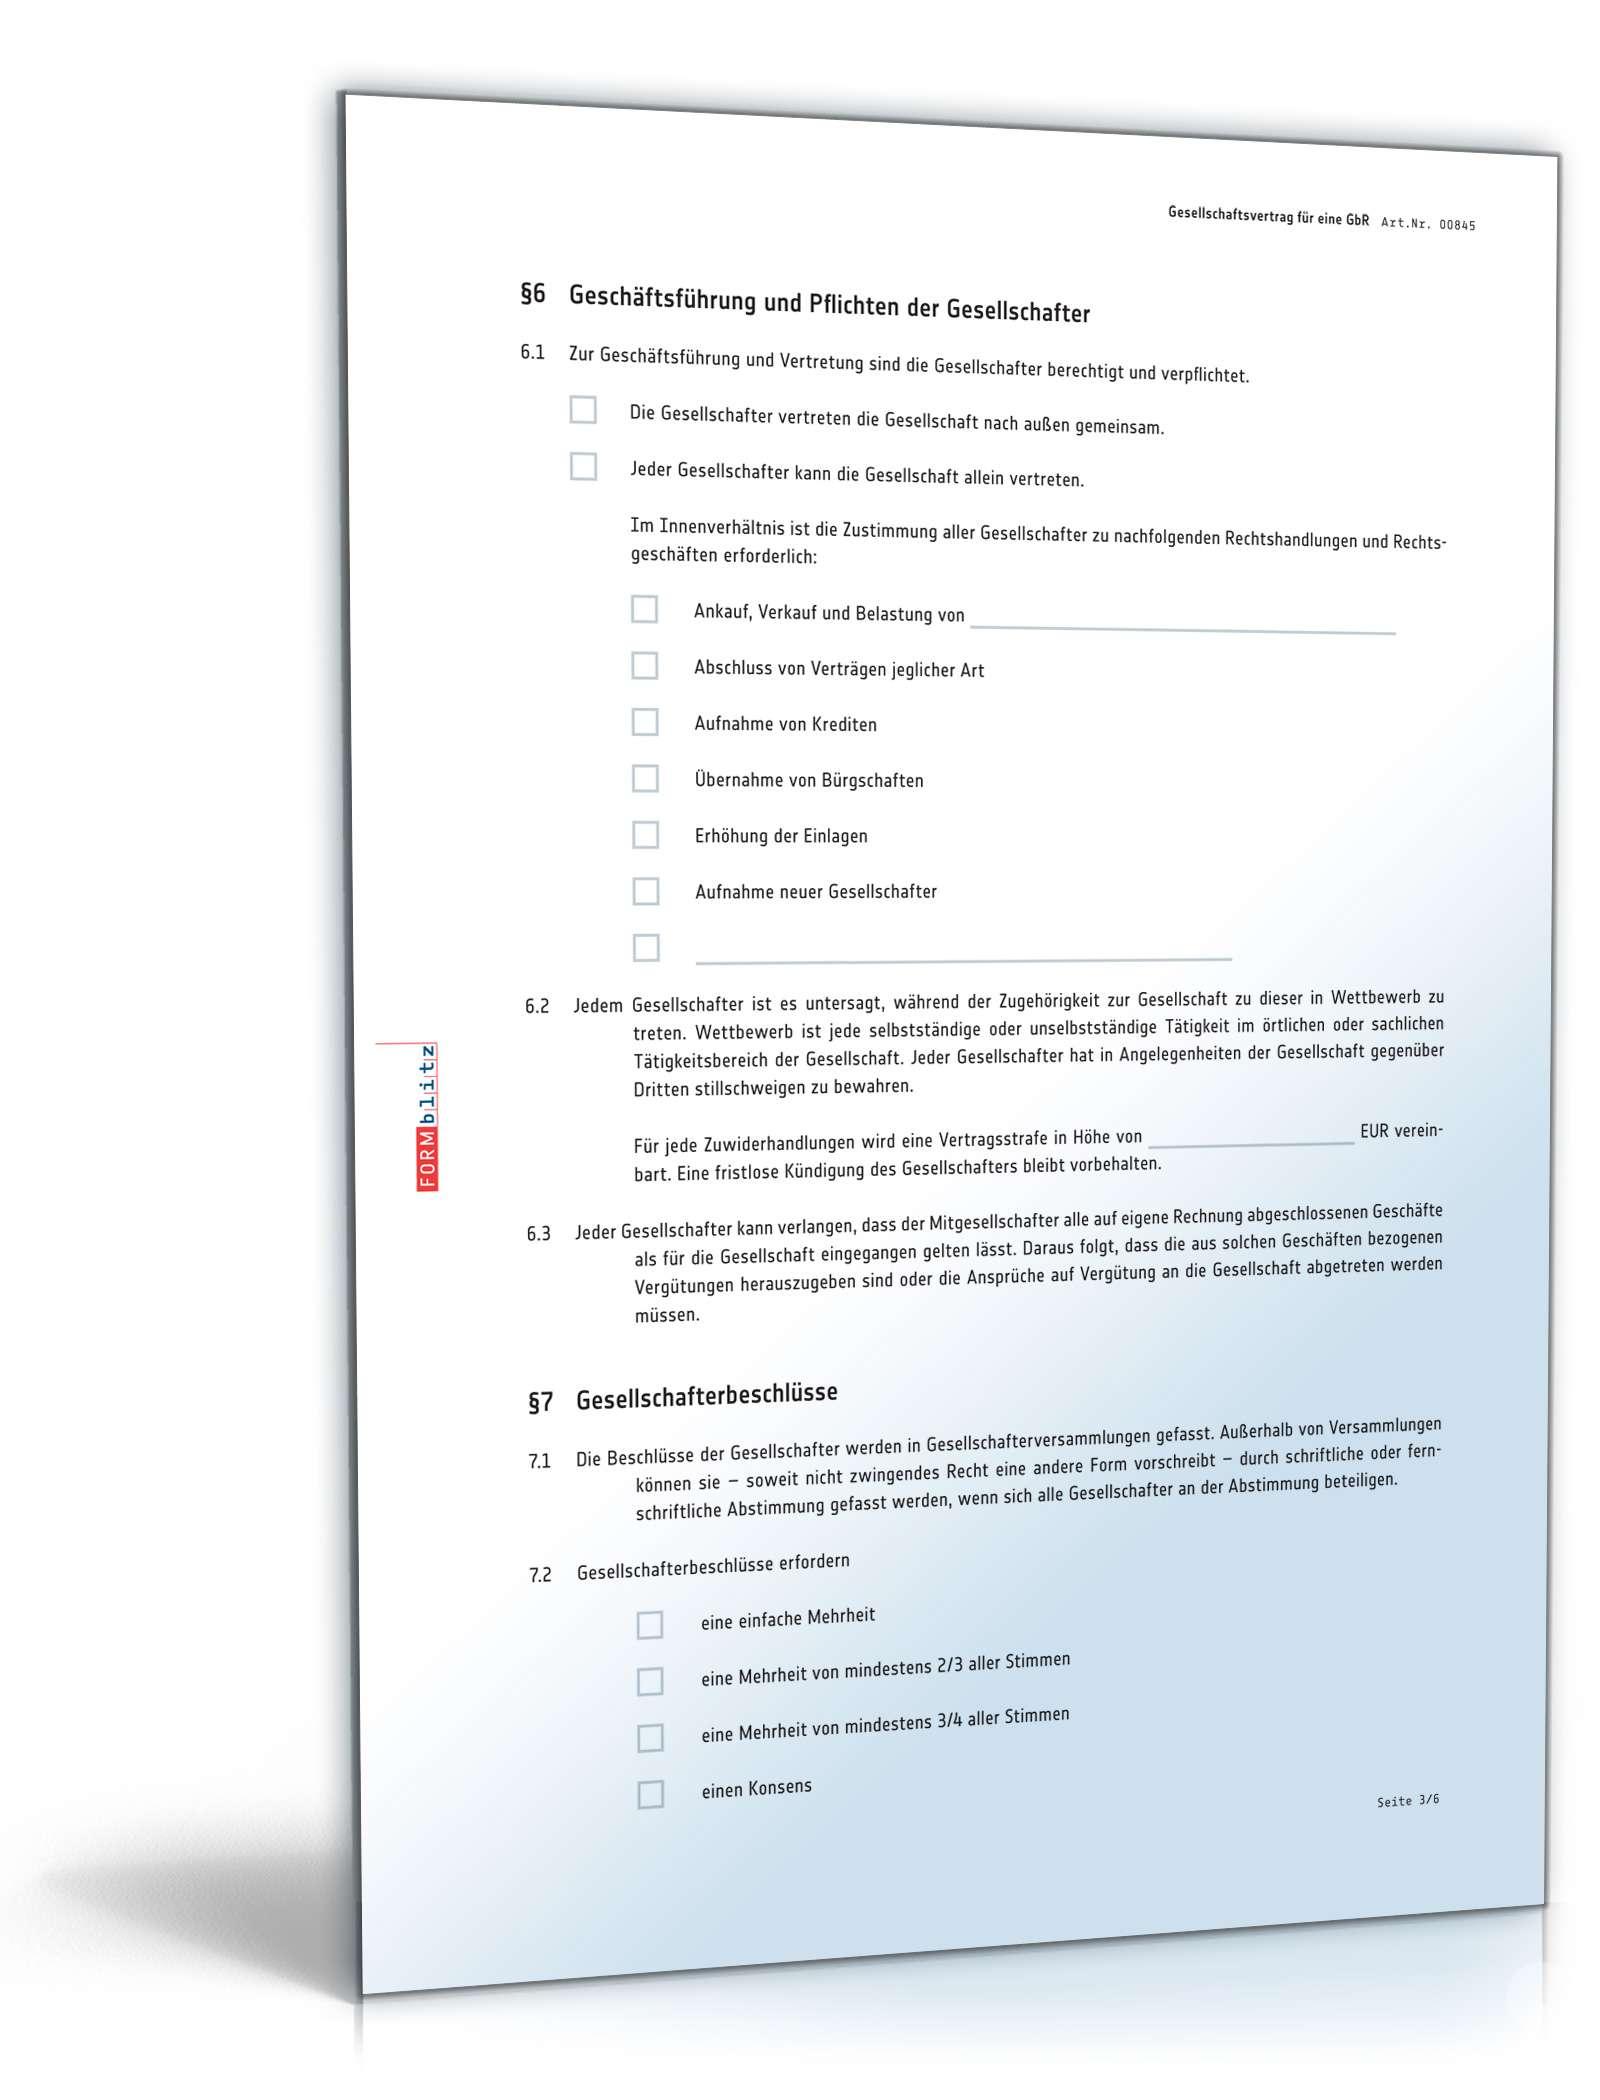 Gbr Gesellschaftsvertrag Muster Für Gründung Einer Gbr